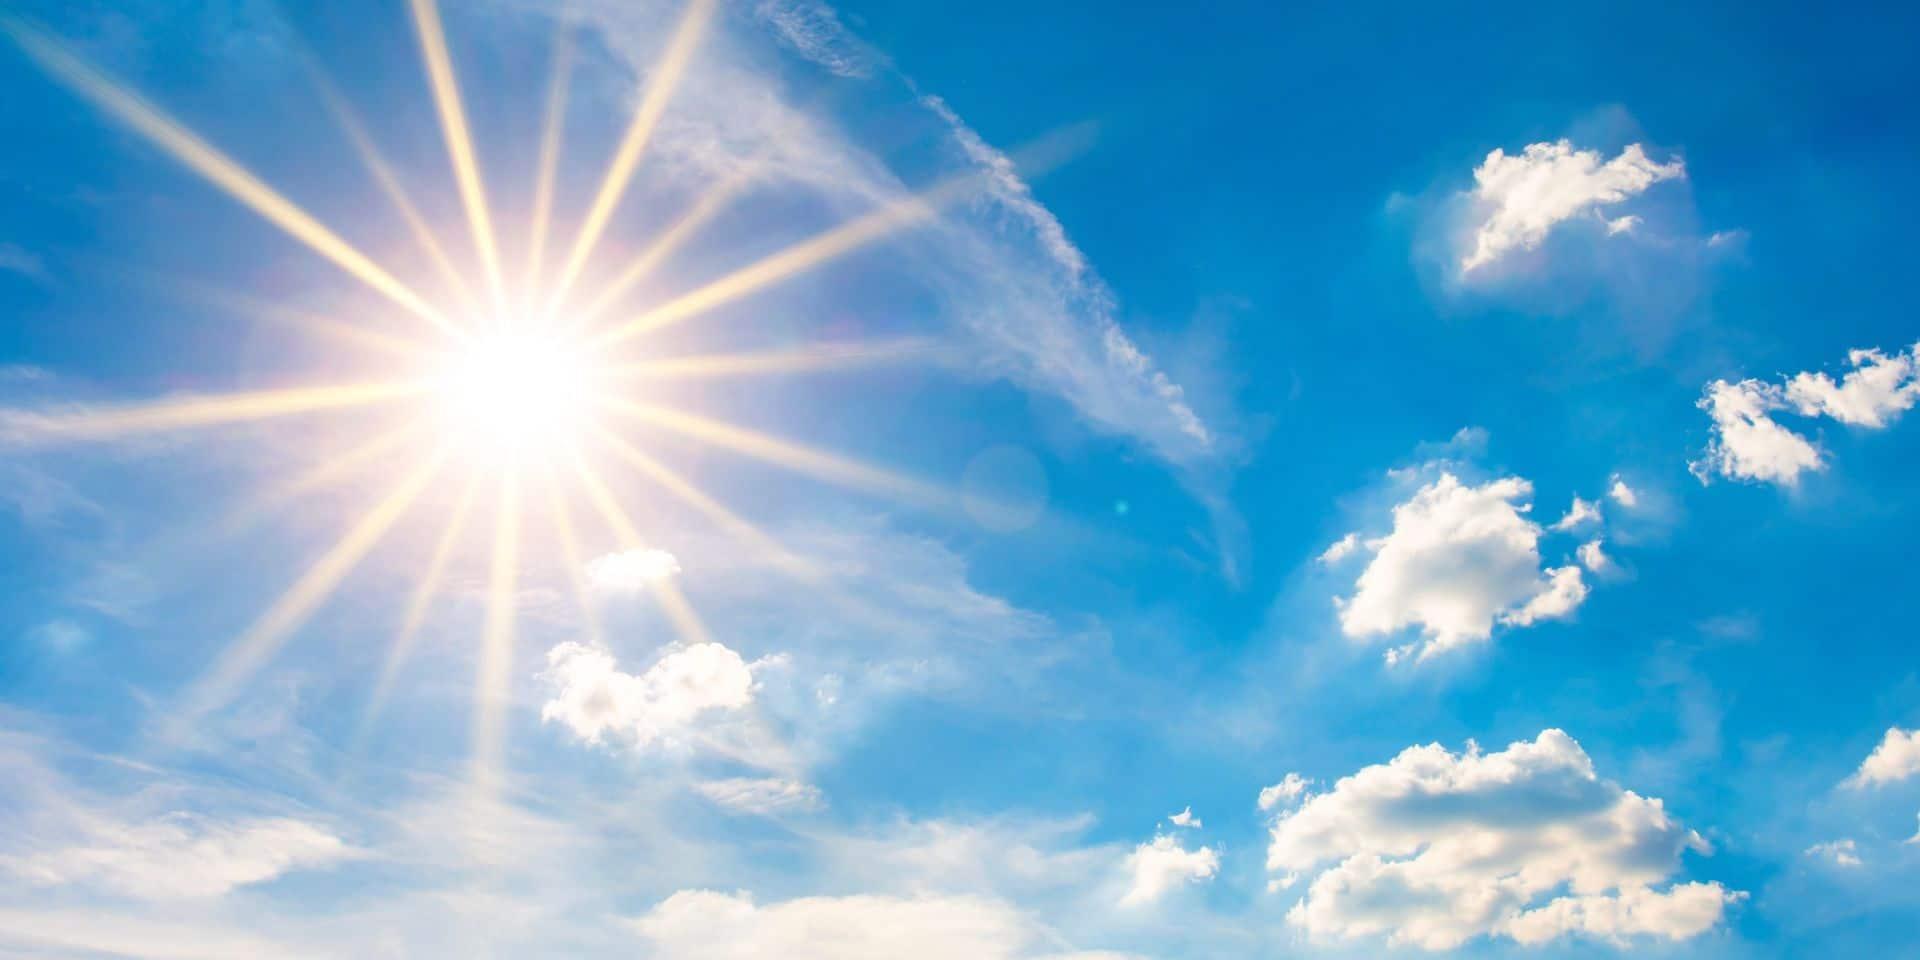 Météo: le mercure va flirter avec les 30°C mercredi, avant de les embrasser pleinement ensuite